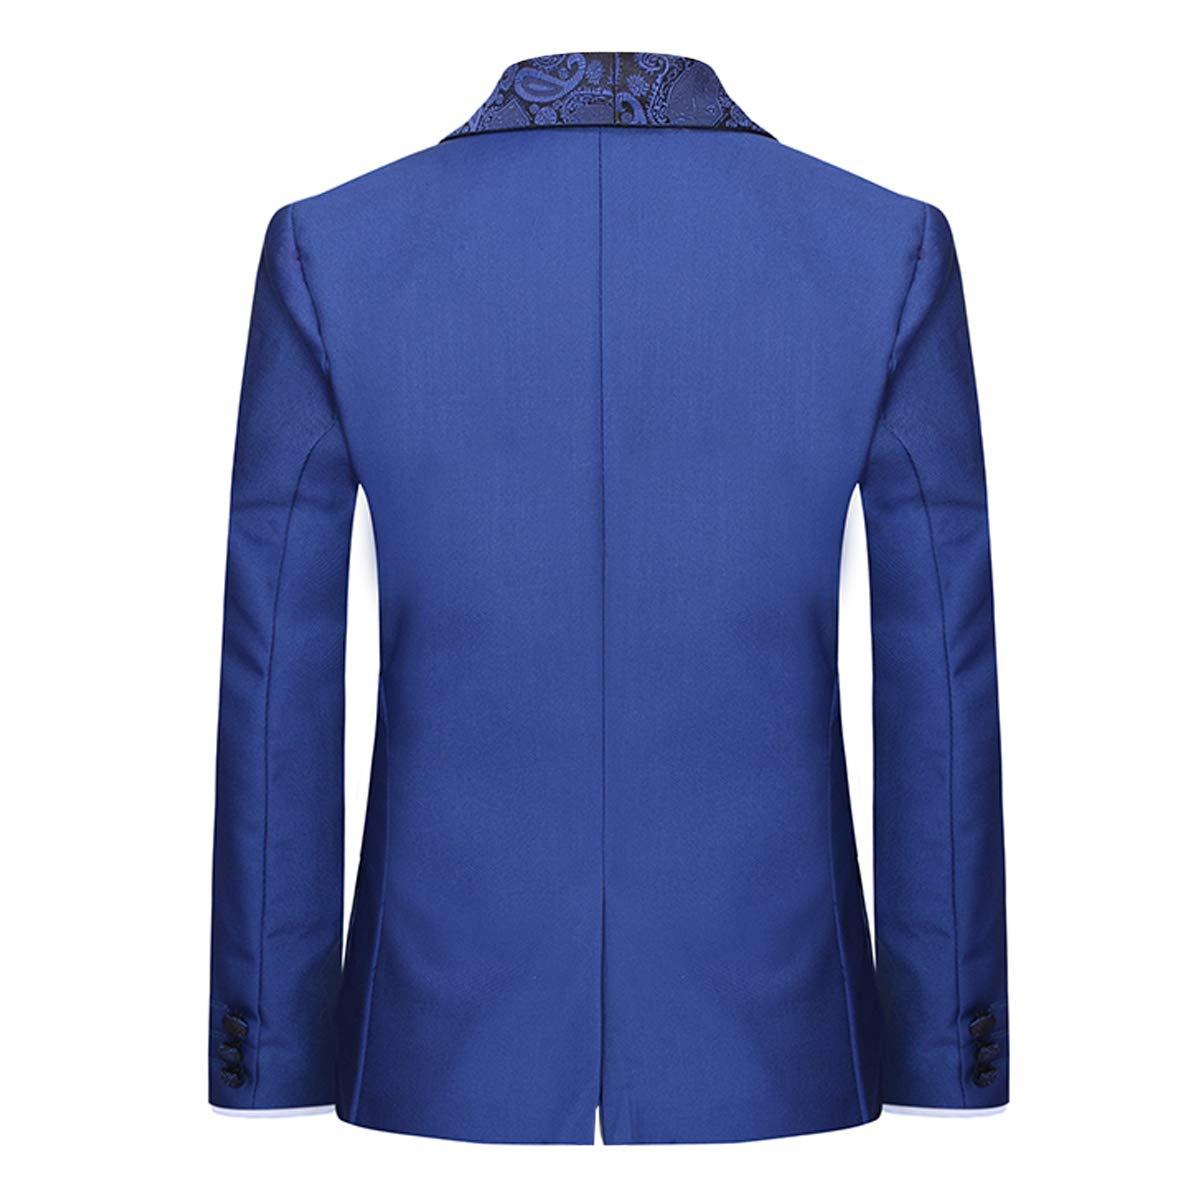 Boyland Boys 3 Pieces Tuxedo Suits Jacquard Shawl Lapel Slim Fit Tux Jacket Vest Pants 4 Colors Prom Party Wedding